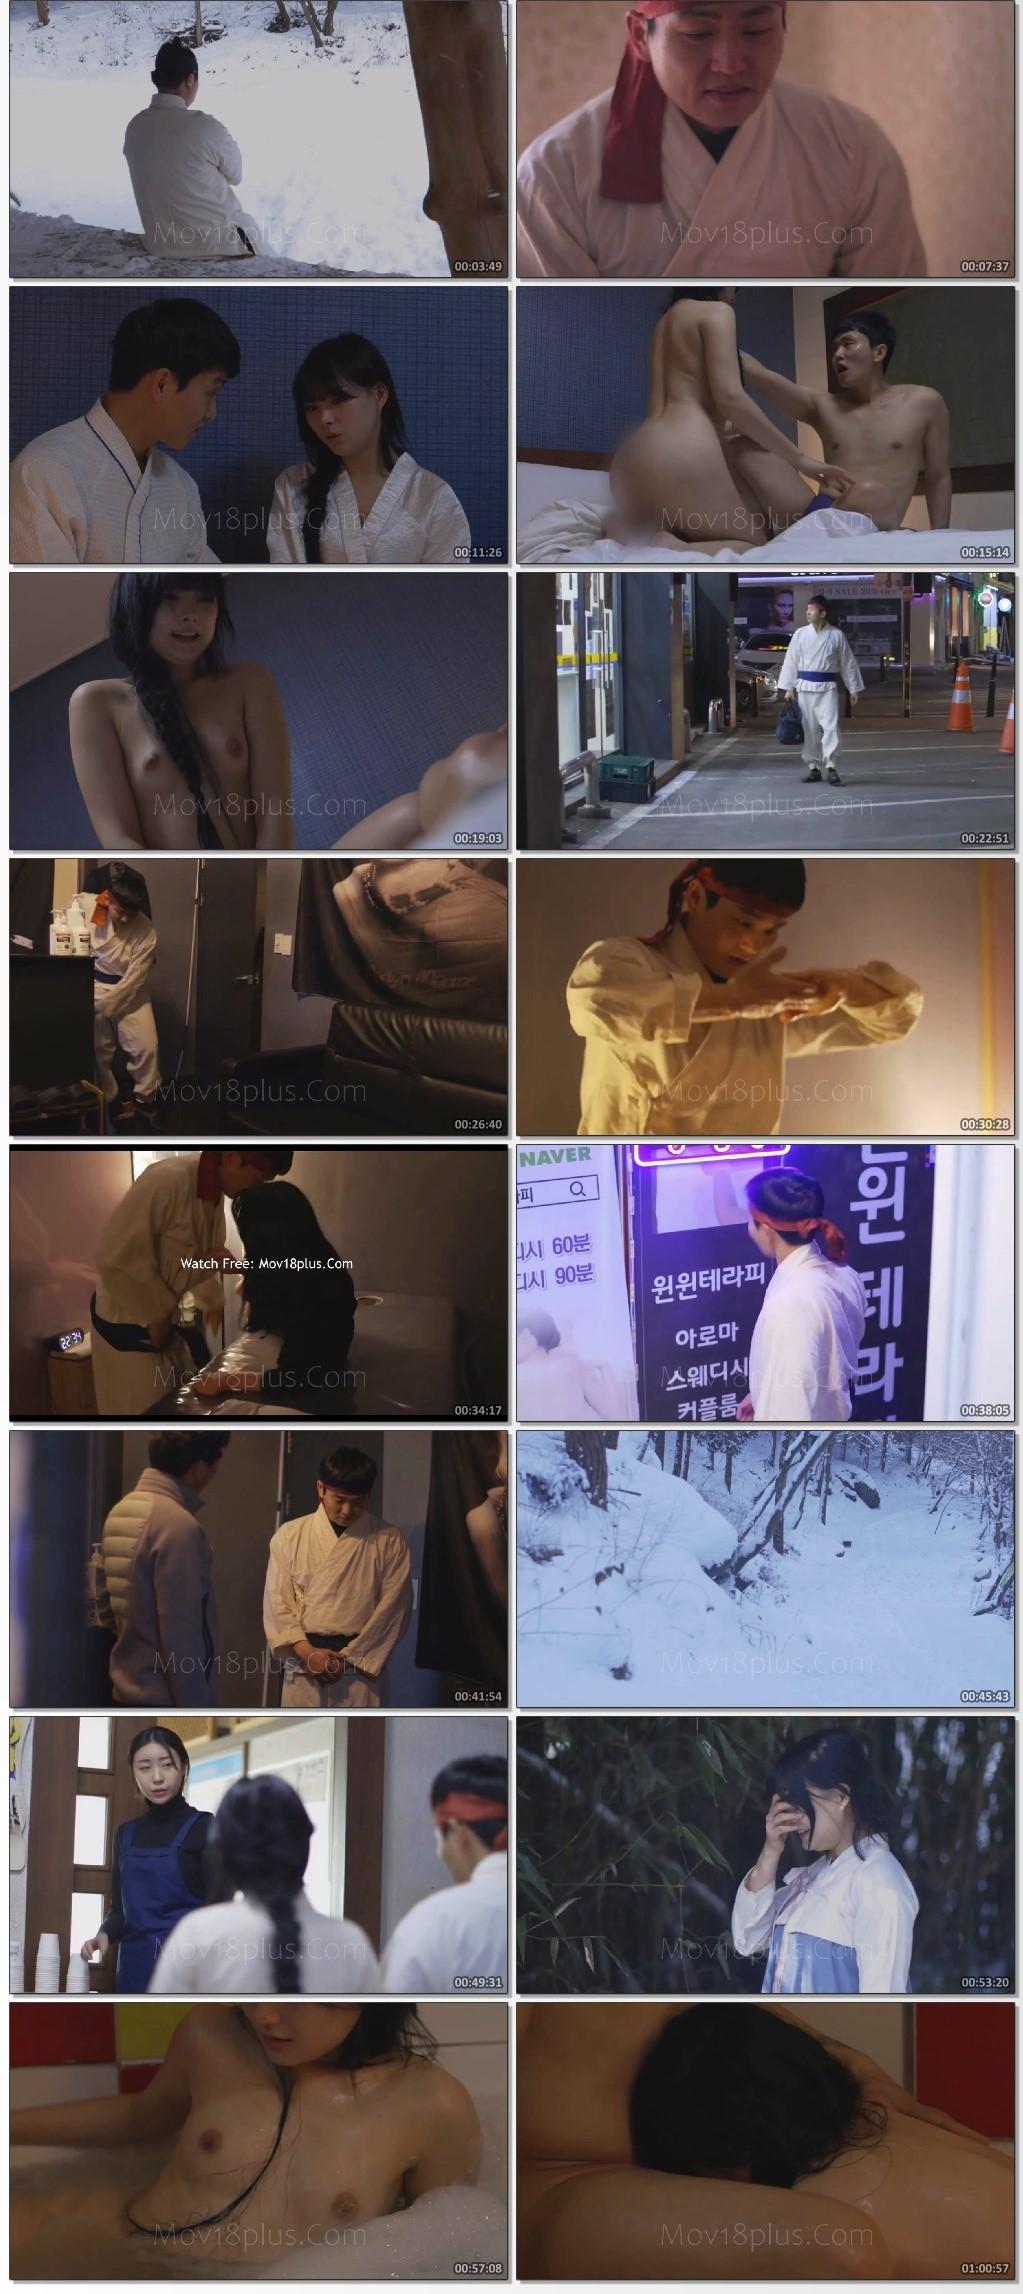 God-of-Massage-2021-www-filmguro-site-Korean-Movie-720p-HDRip-600-MB-mkv-thumbs